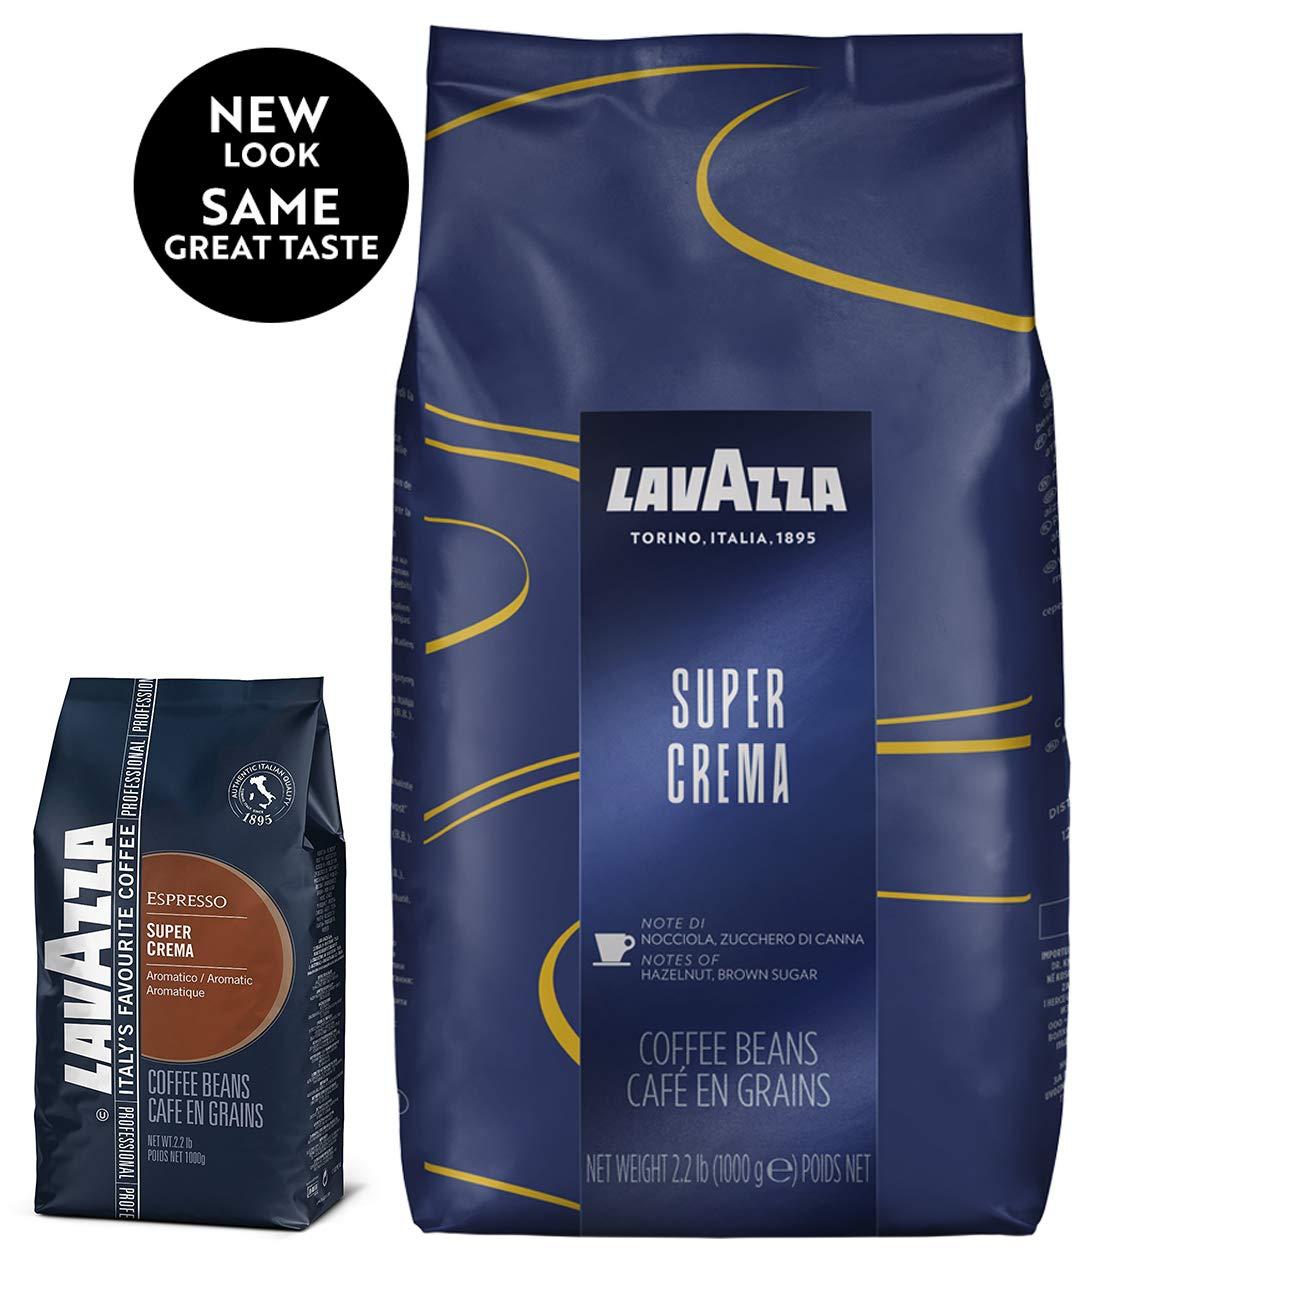 Lavazza 4202A 2.2 Pound Super Crema Espresso Whole Bean (5-Pack) by Lavazza